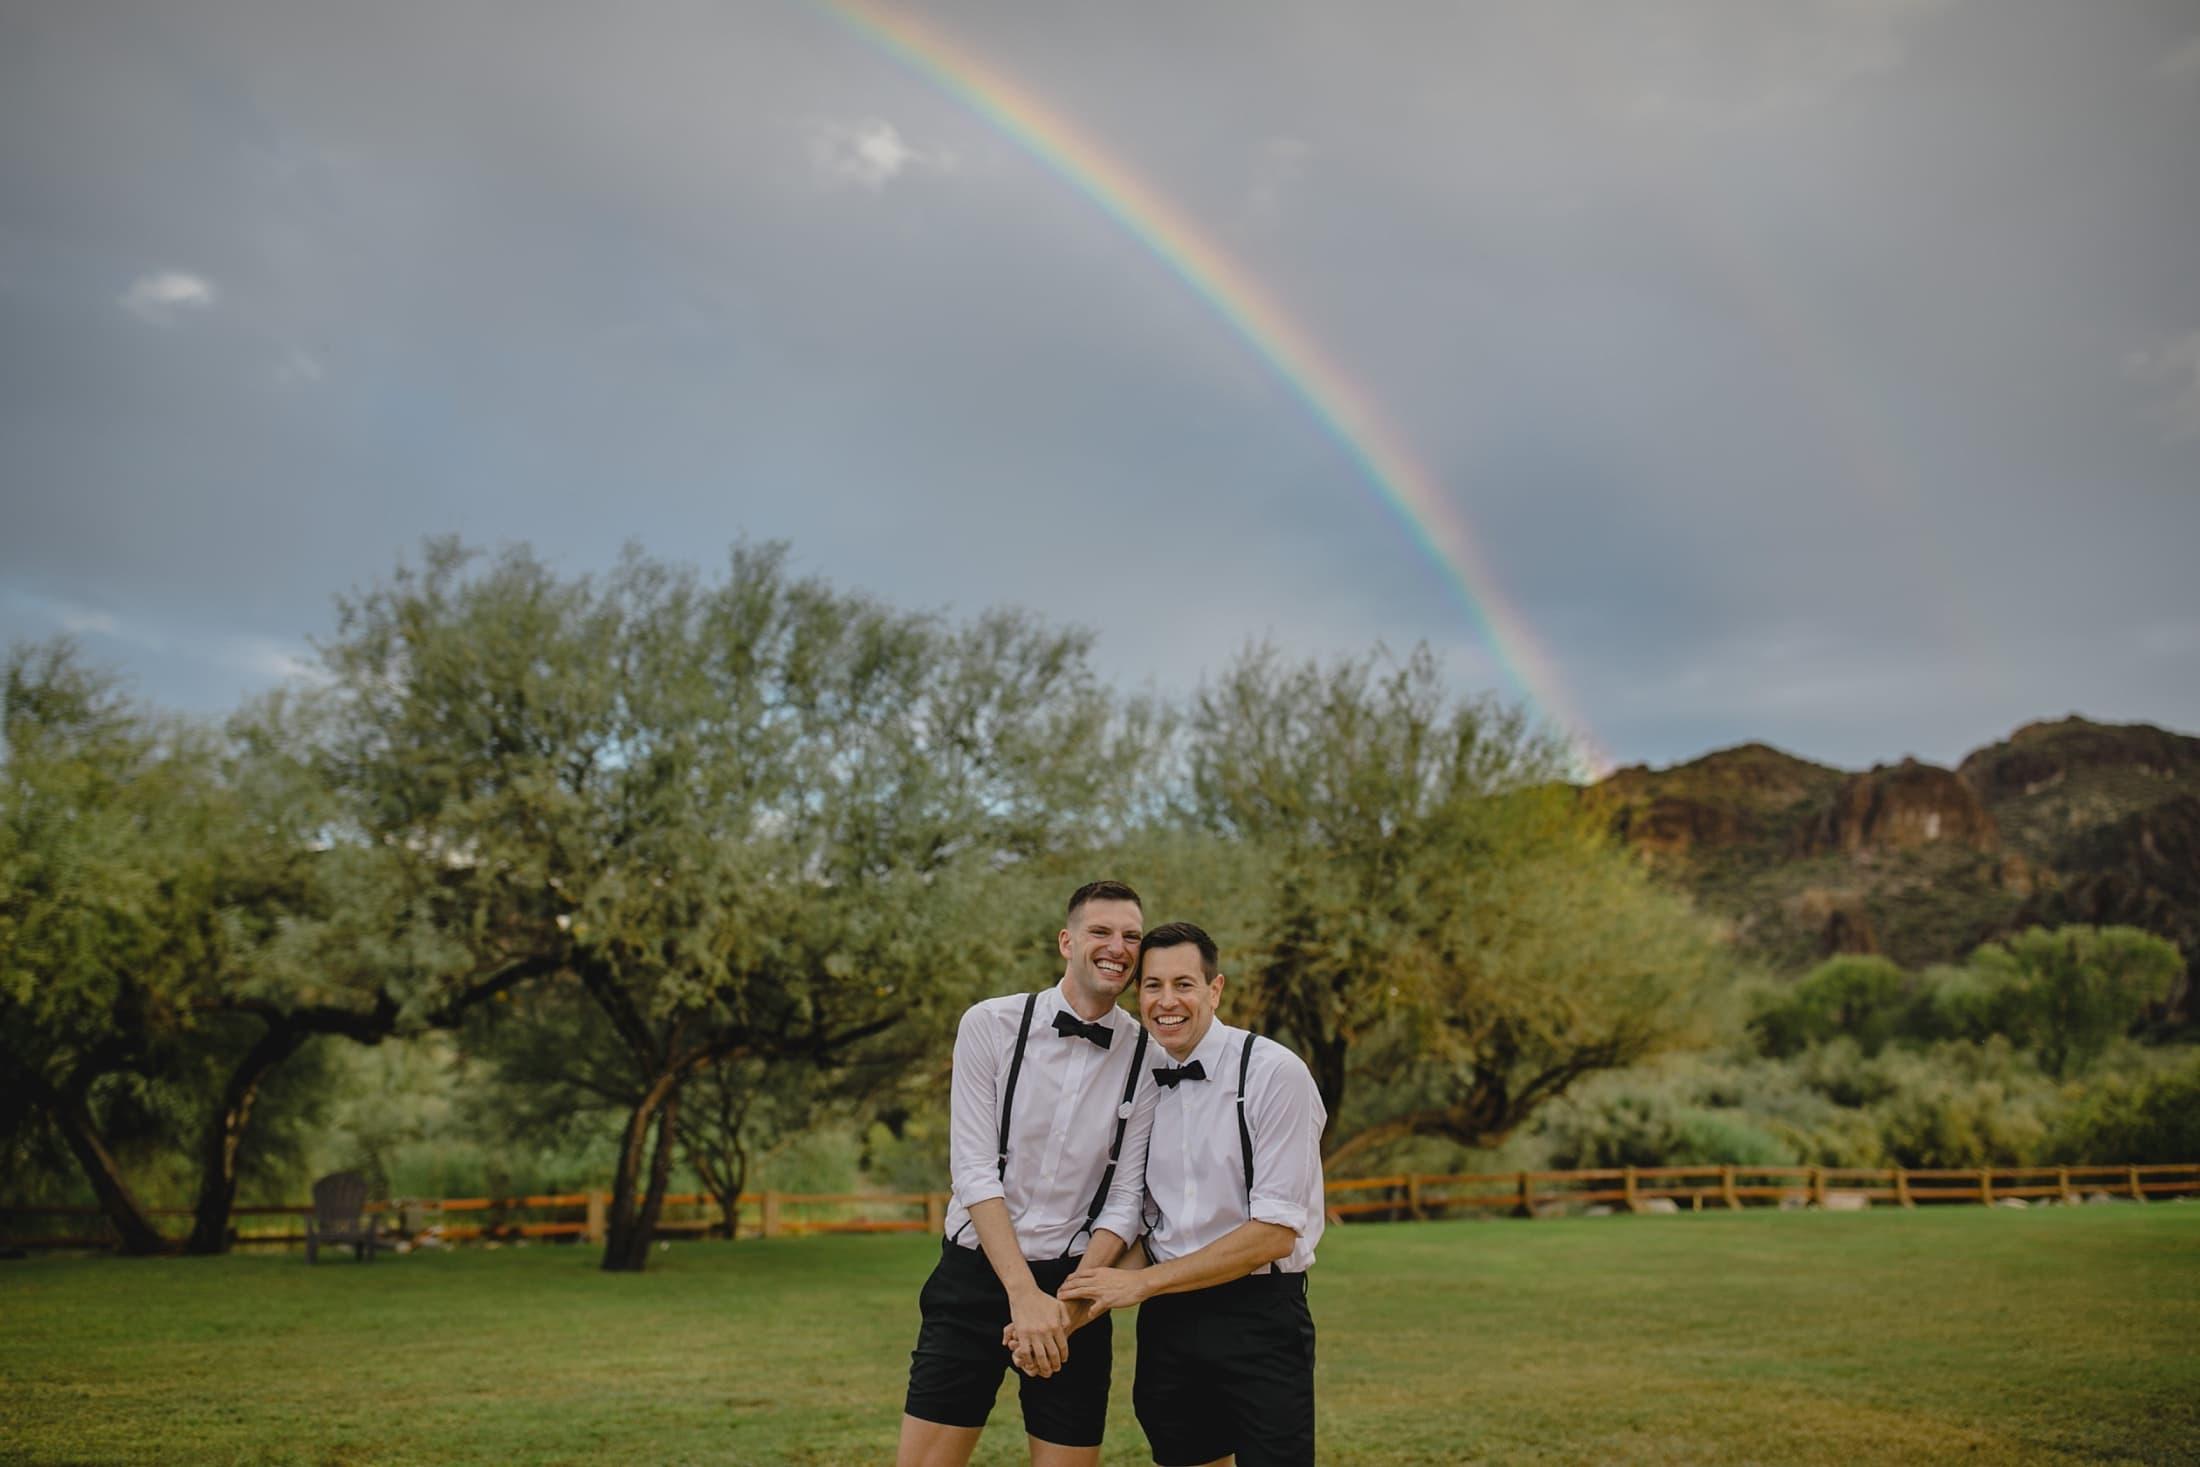 gay wedding with rainbow Arizona wedding photographer